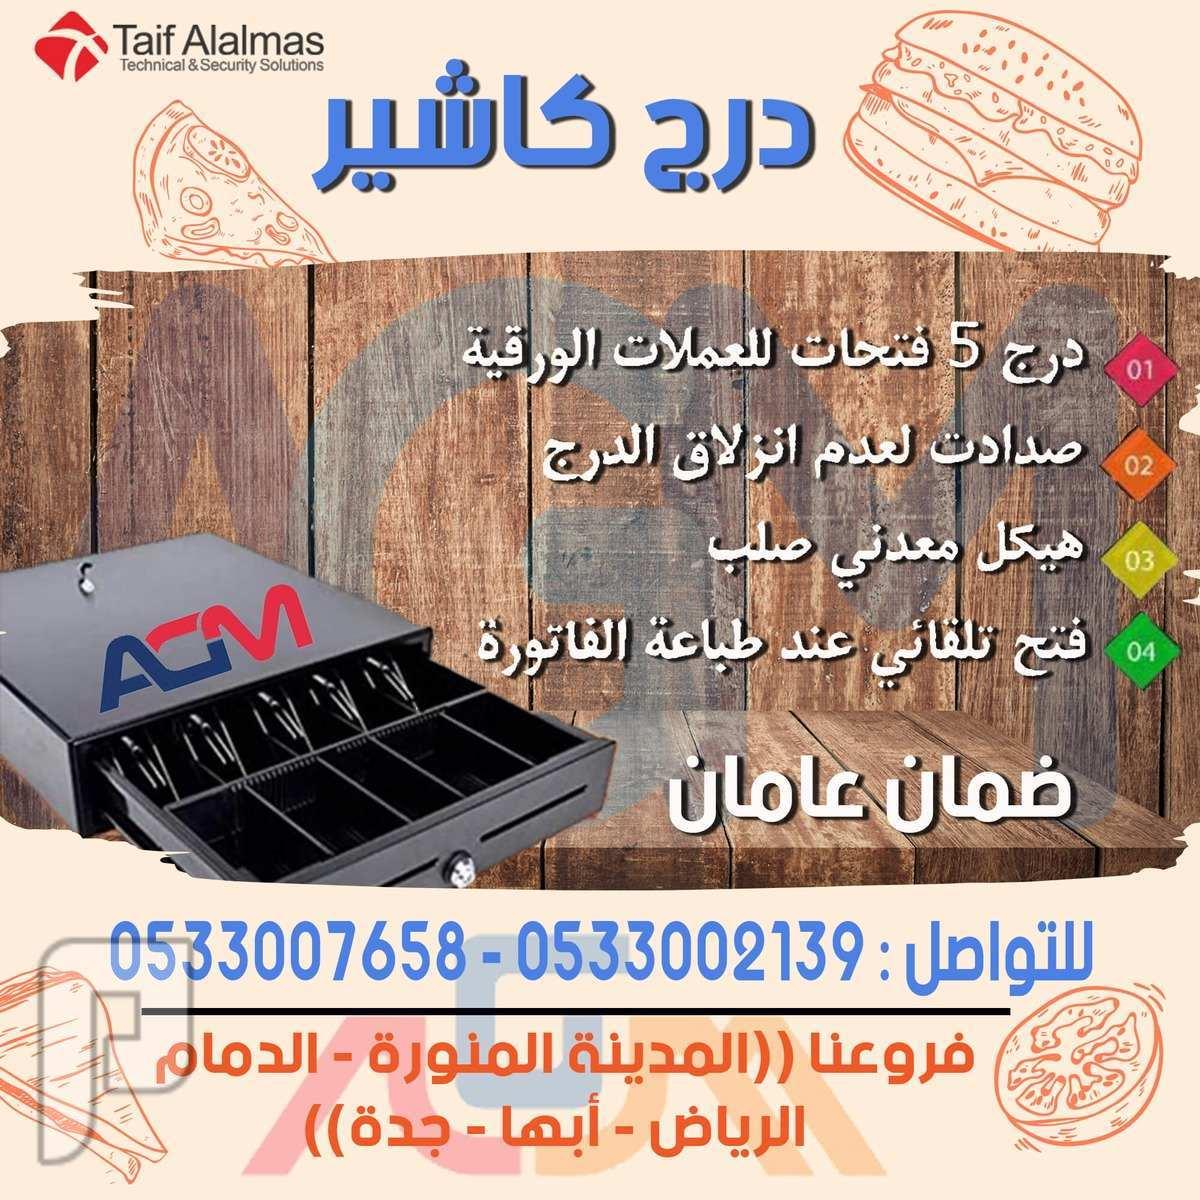 درج كاشير وطابعه فواتير و ورق حراري للطابعه الفواتير الحرارية للمطاعم والمت